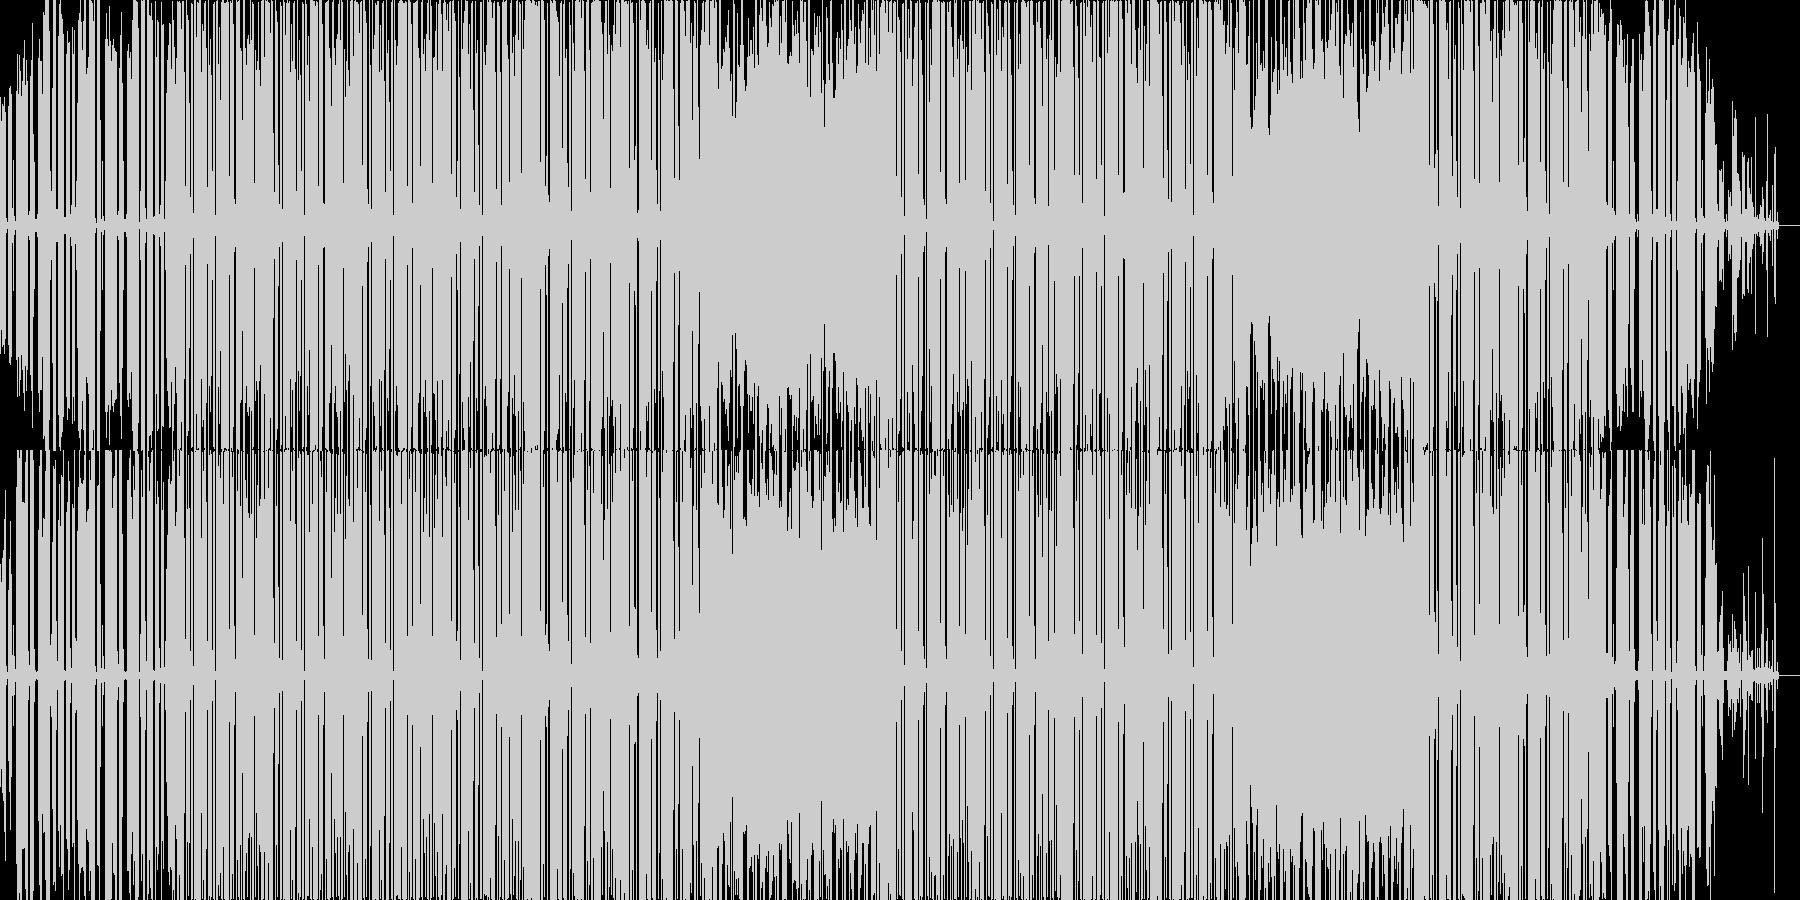 ローファイなビートの未再生の波形